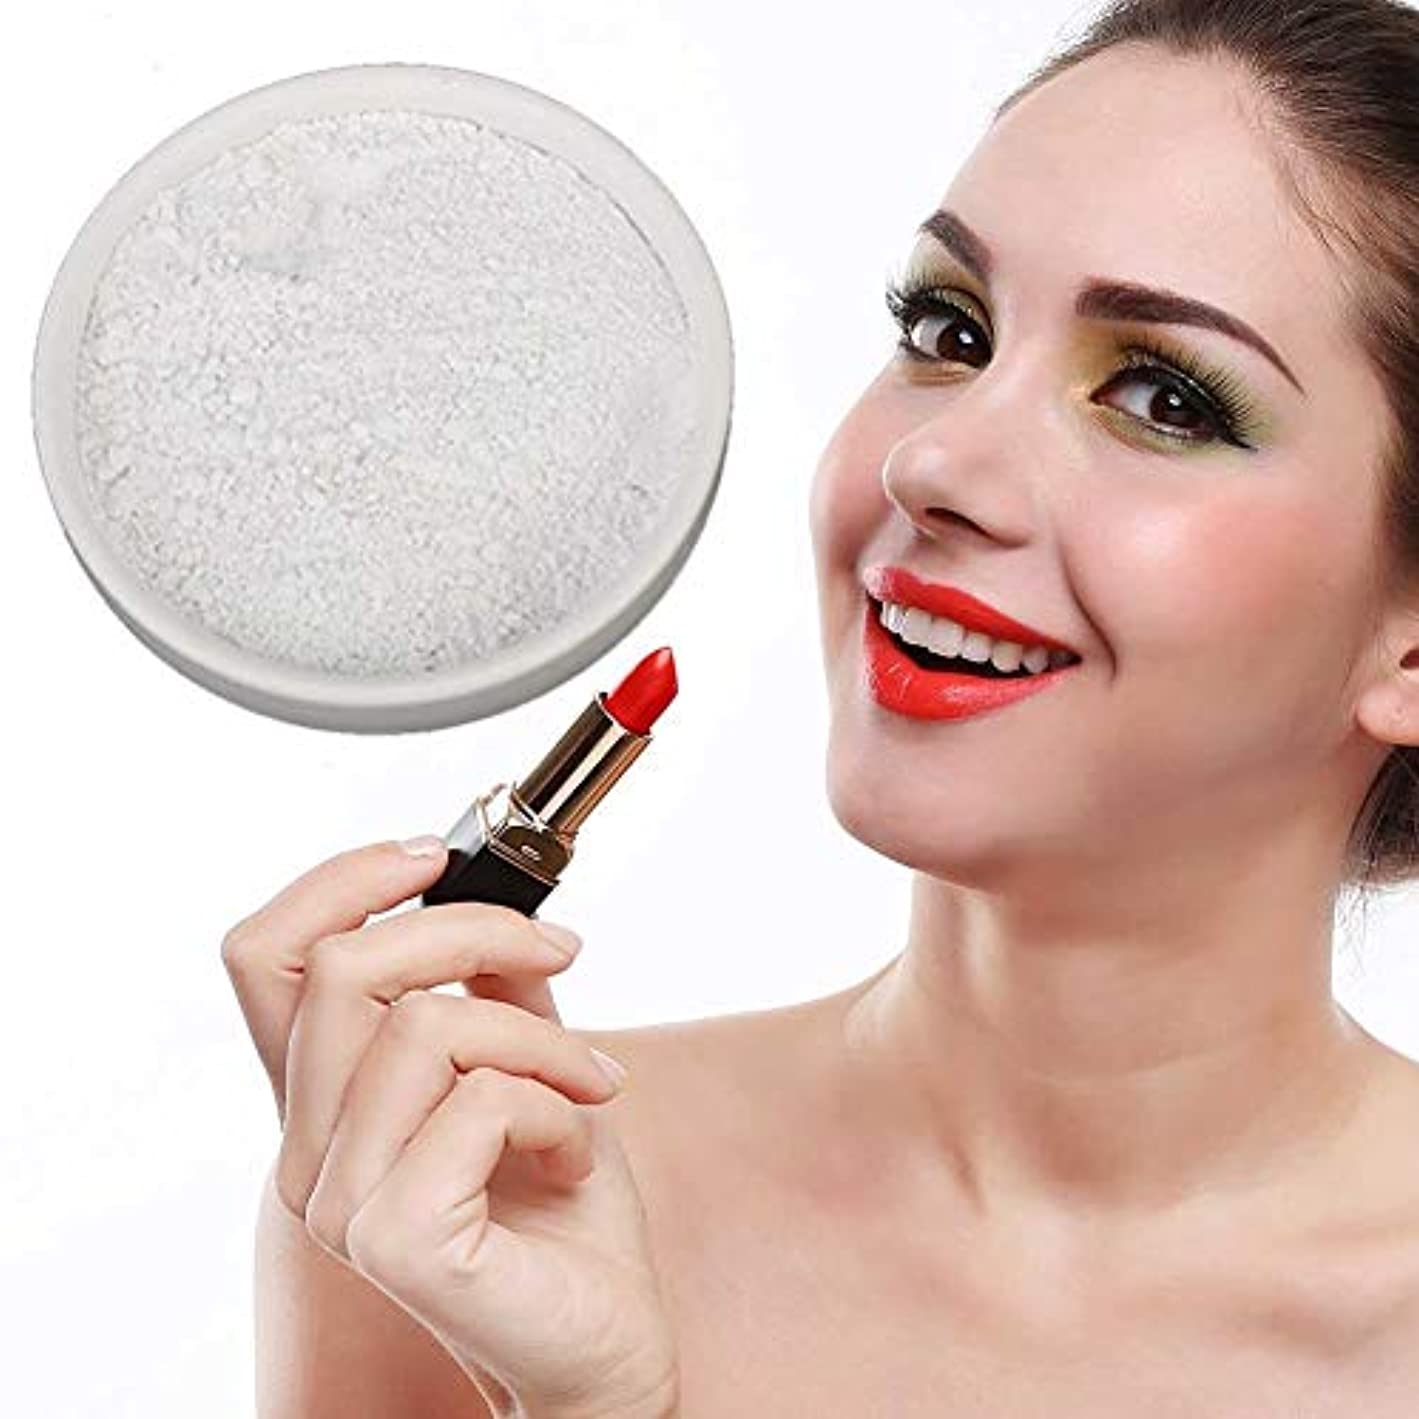 強化する結婚ピボットマットアイシャドウパウダー口紅赤面用500 g化粧品DIY原料化粧DIY素材